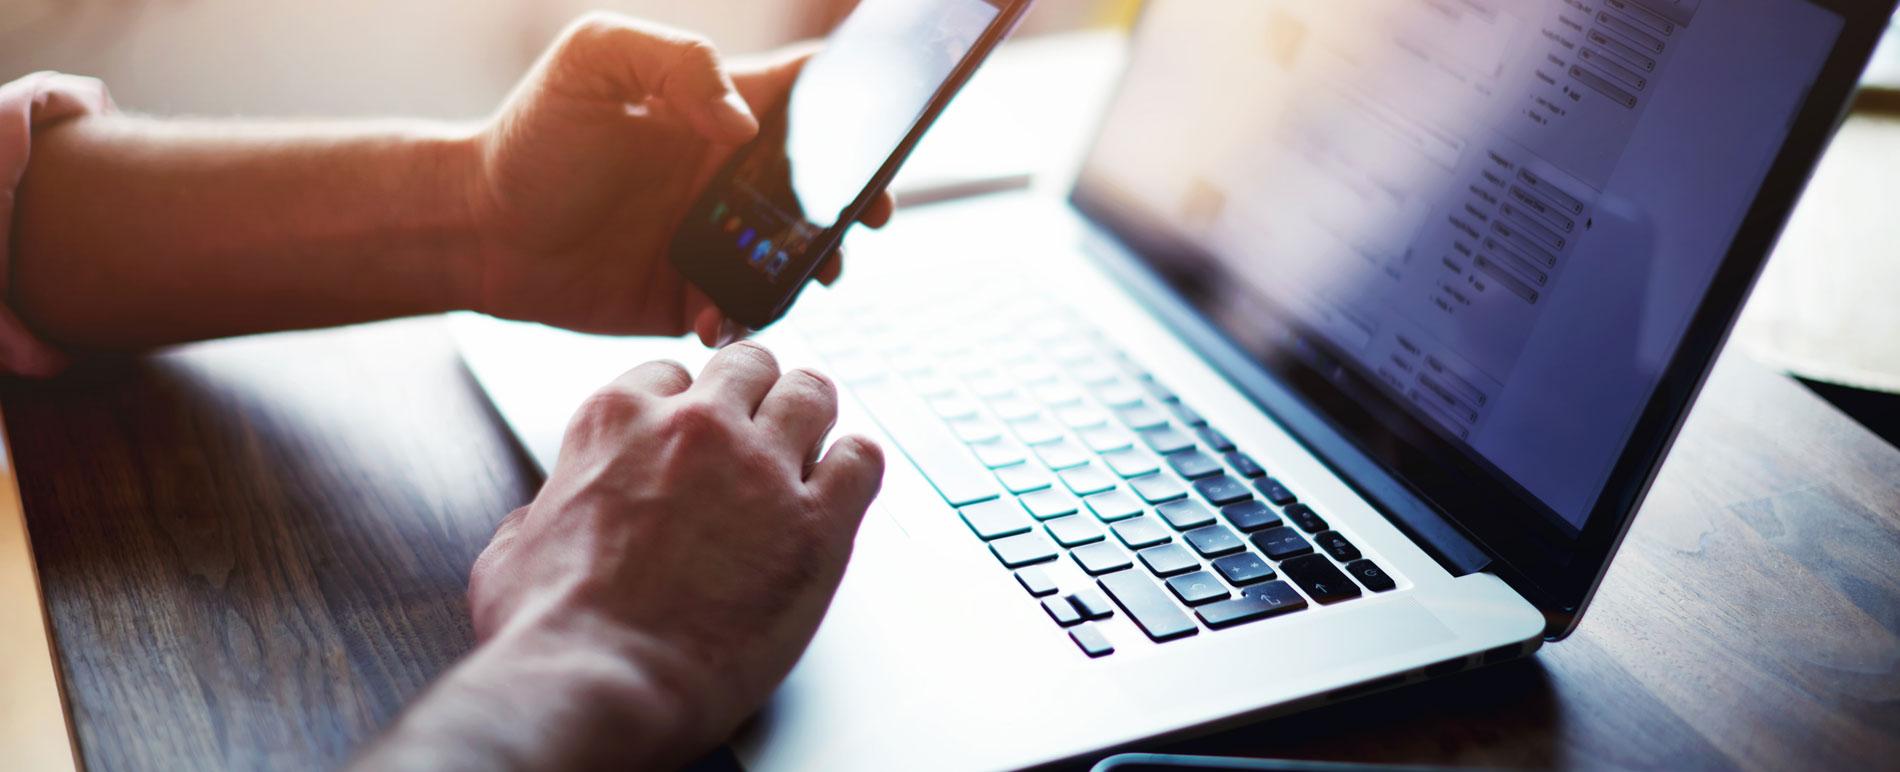 Så kan nystartade e-handlare växa på nätet